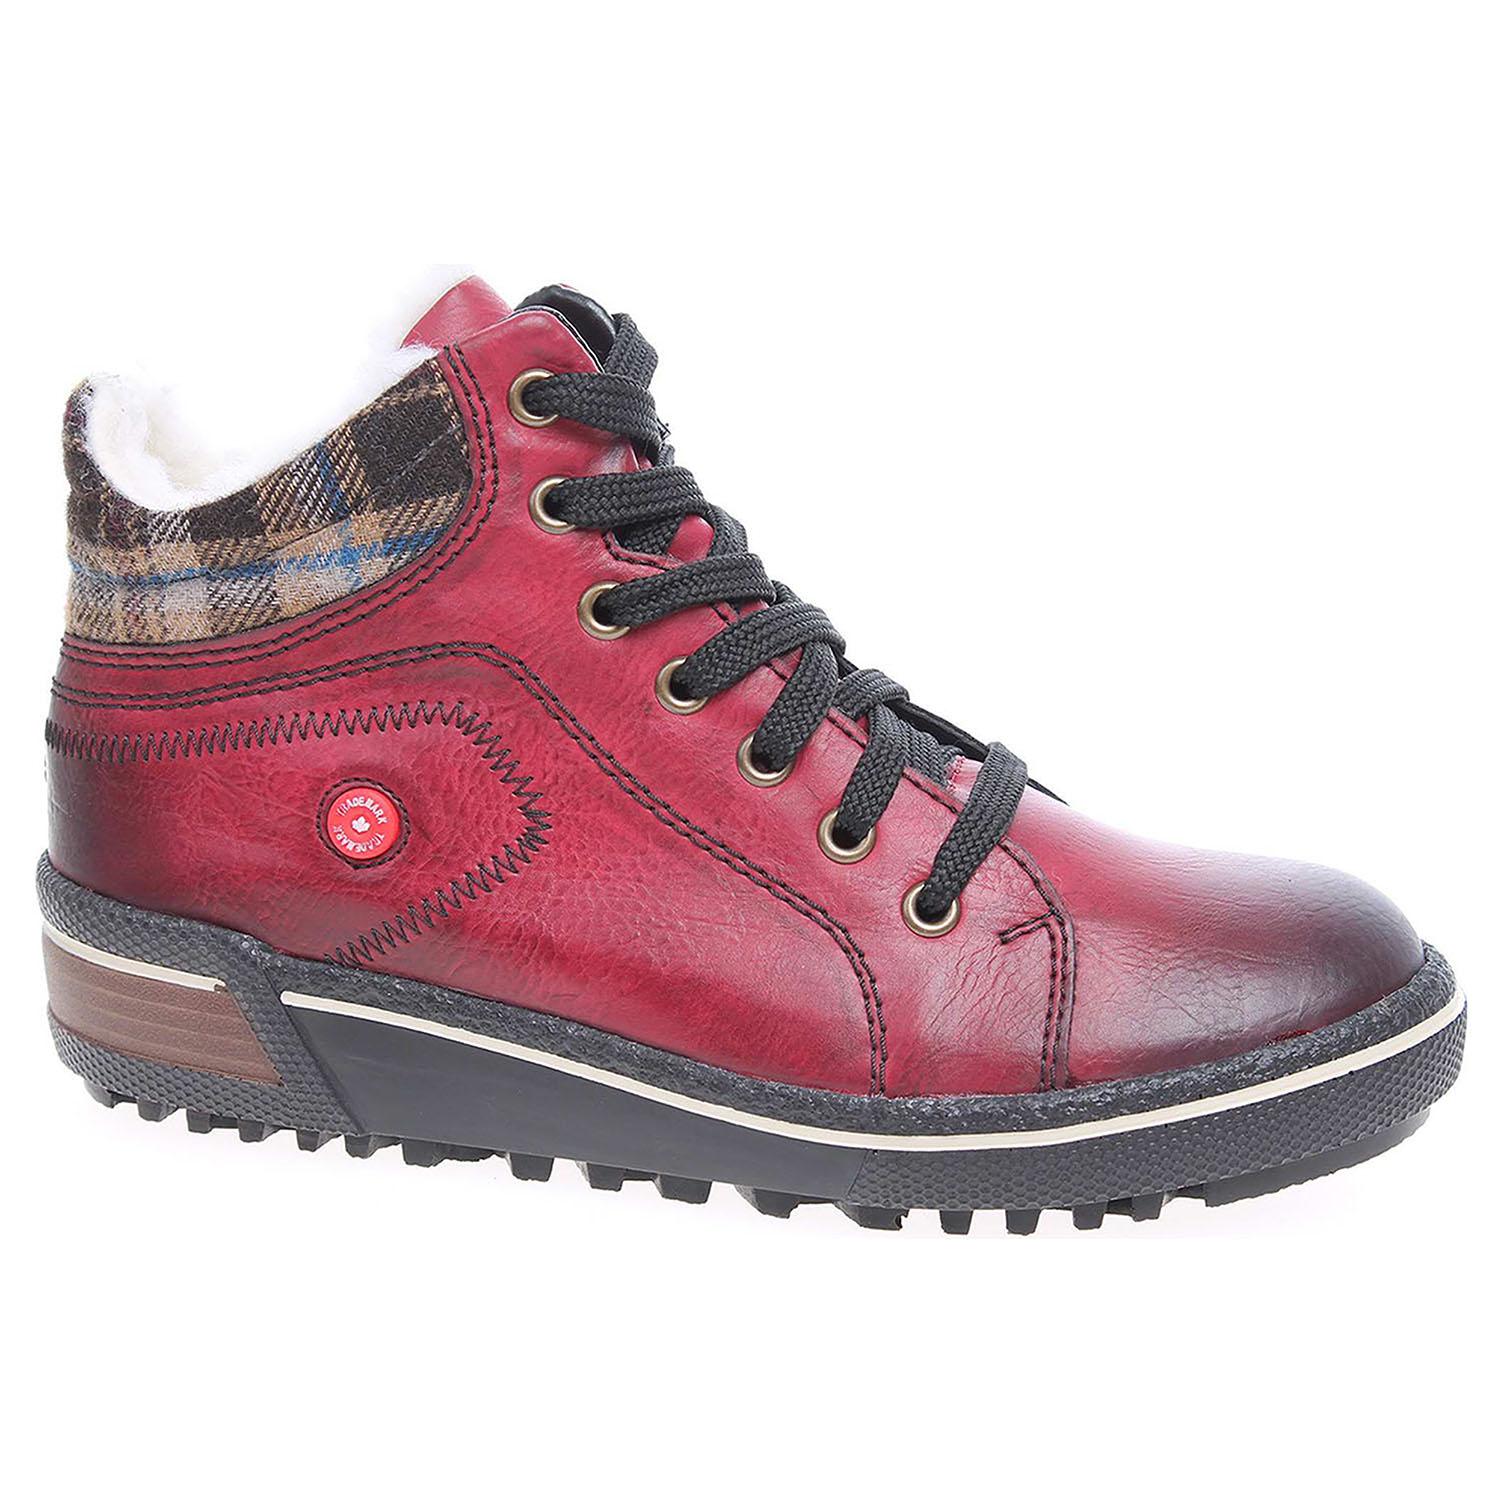 20533c58cf Dámska členkové topánky Rieker Z6423-35 rot kombi